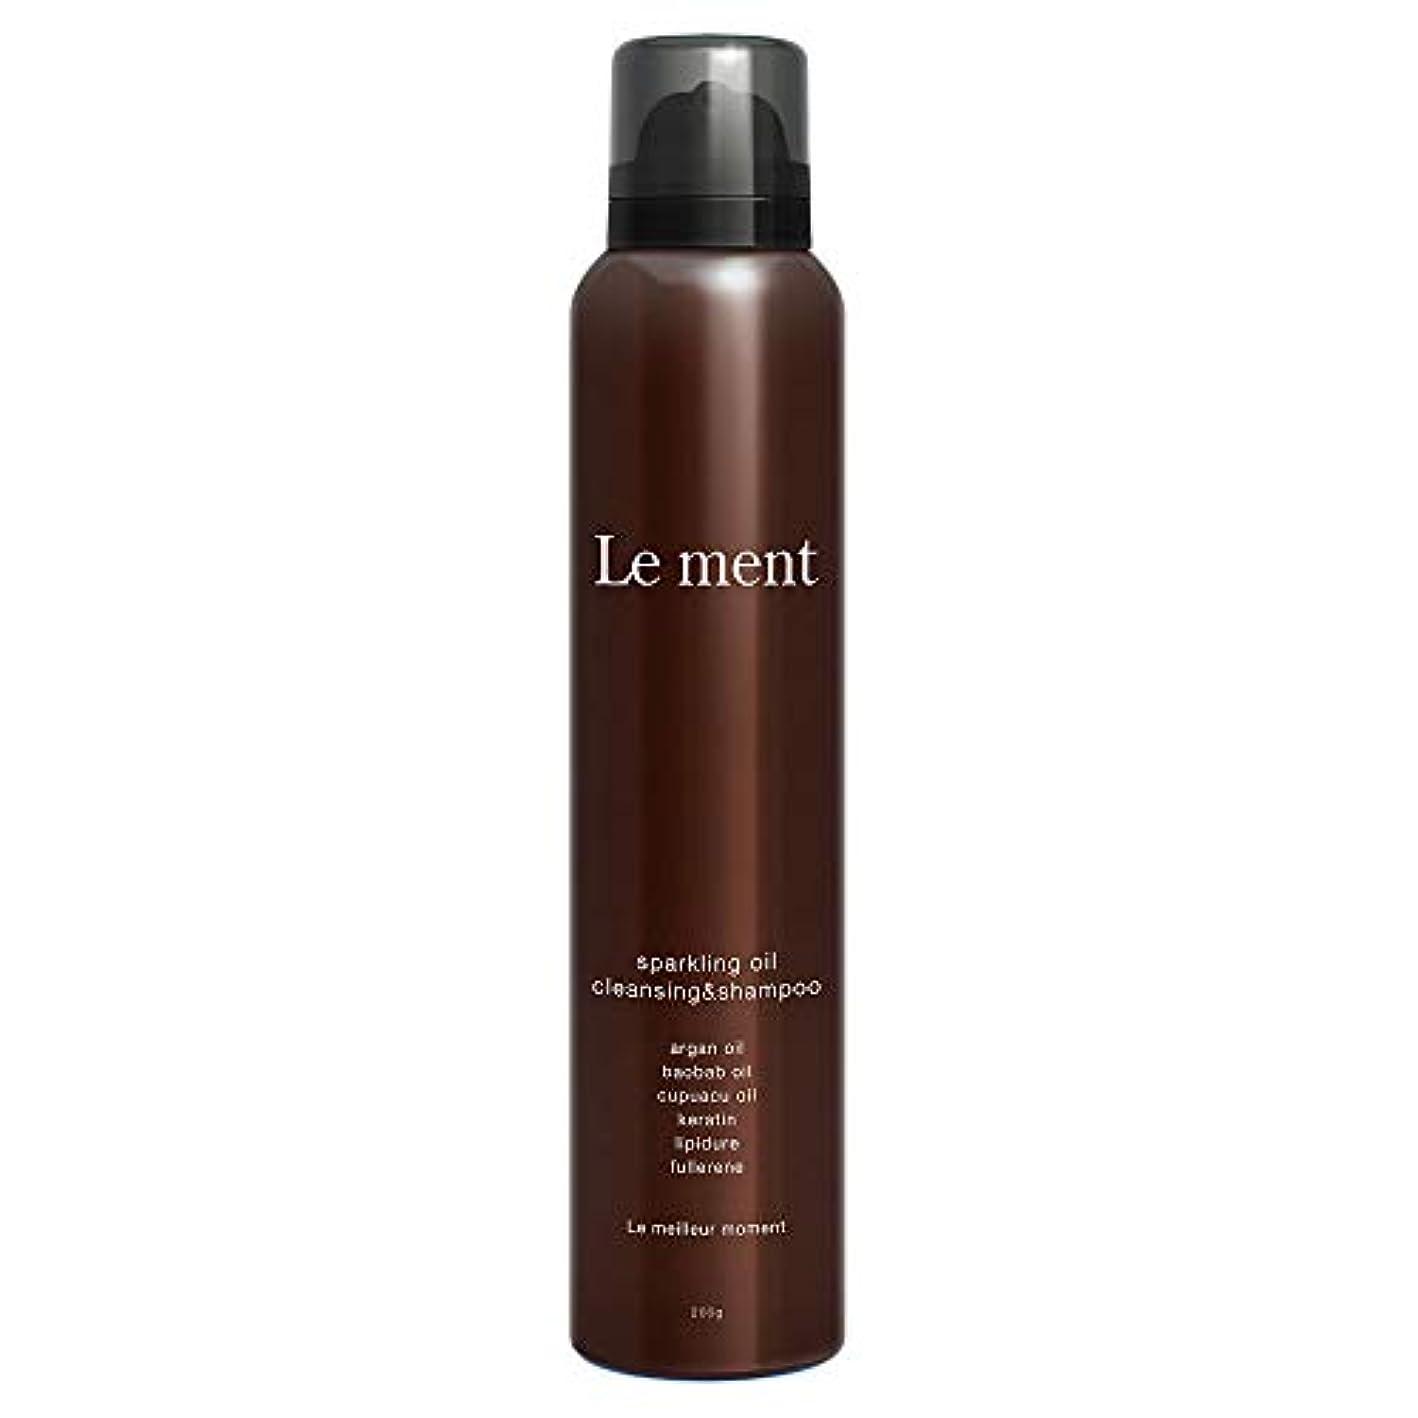 販売計画妨げる愛国的なLe ment -sparkling oil cleansing & shampoo -